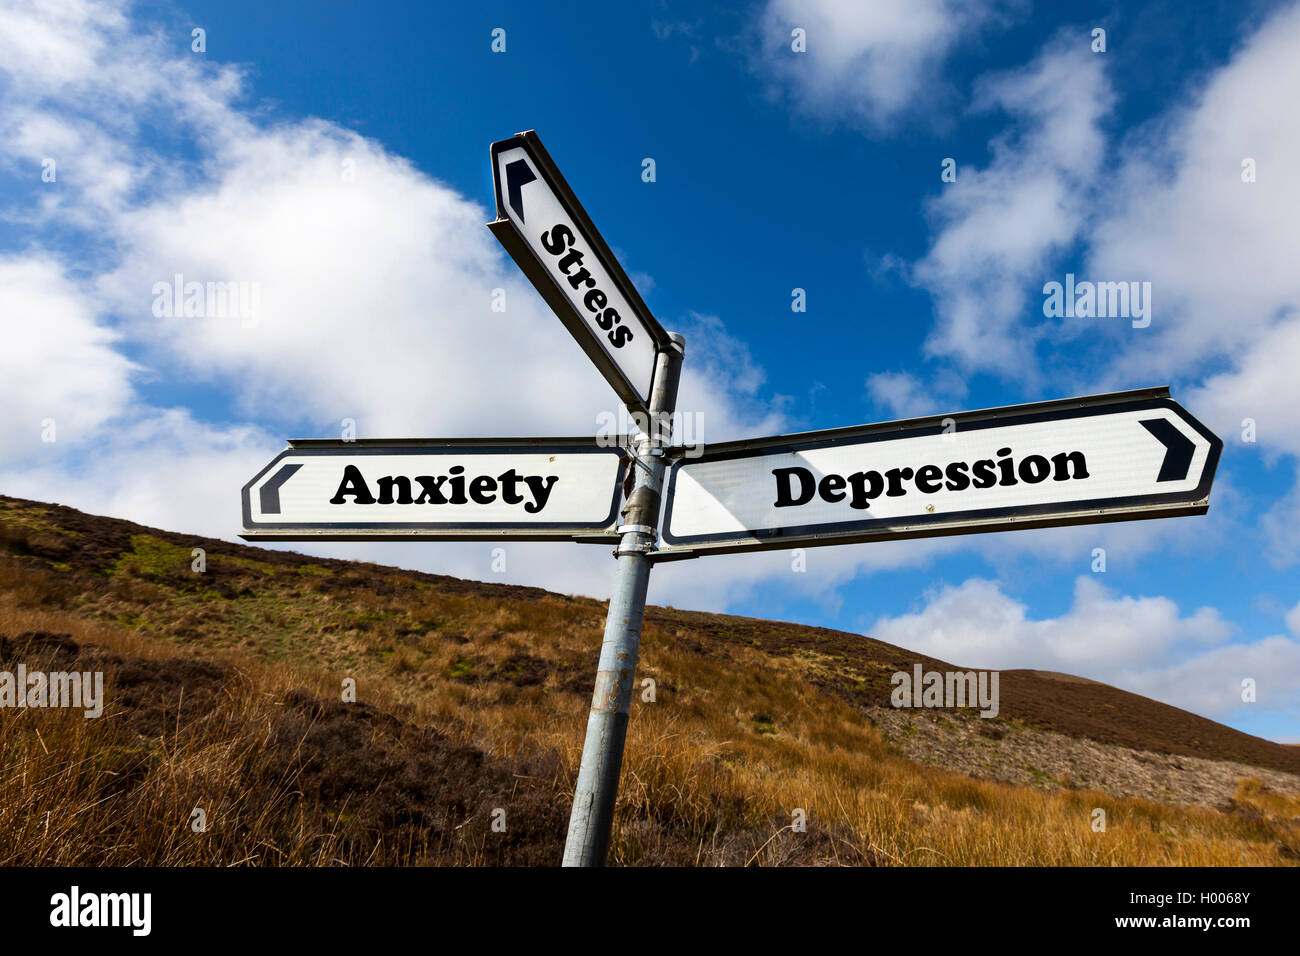 Santé mentale stress dépression Anxiété problèmes problème concept panneau routier Photo Stock